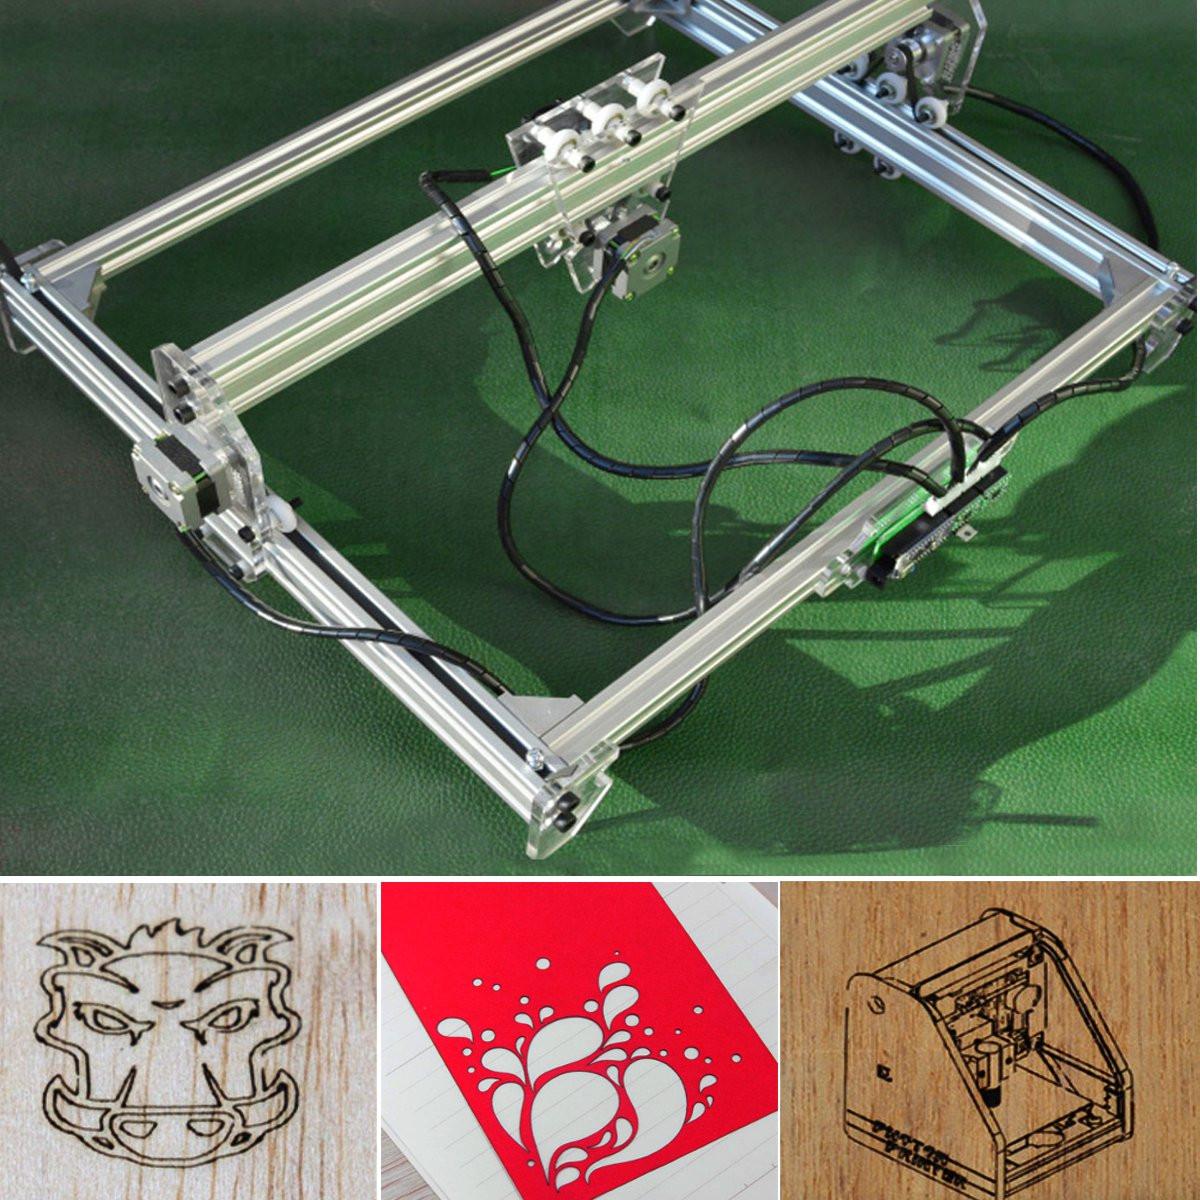 50×65cm Engraving Area 3000MW Laser Engraving Machine DIY Kit Desktop Laser Cutting